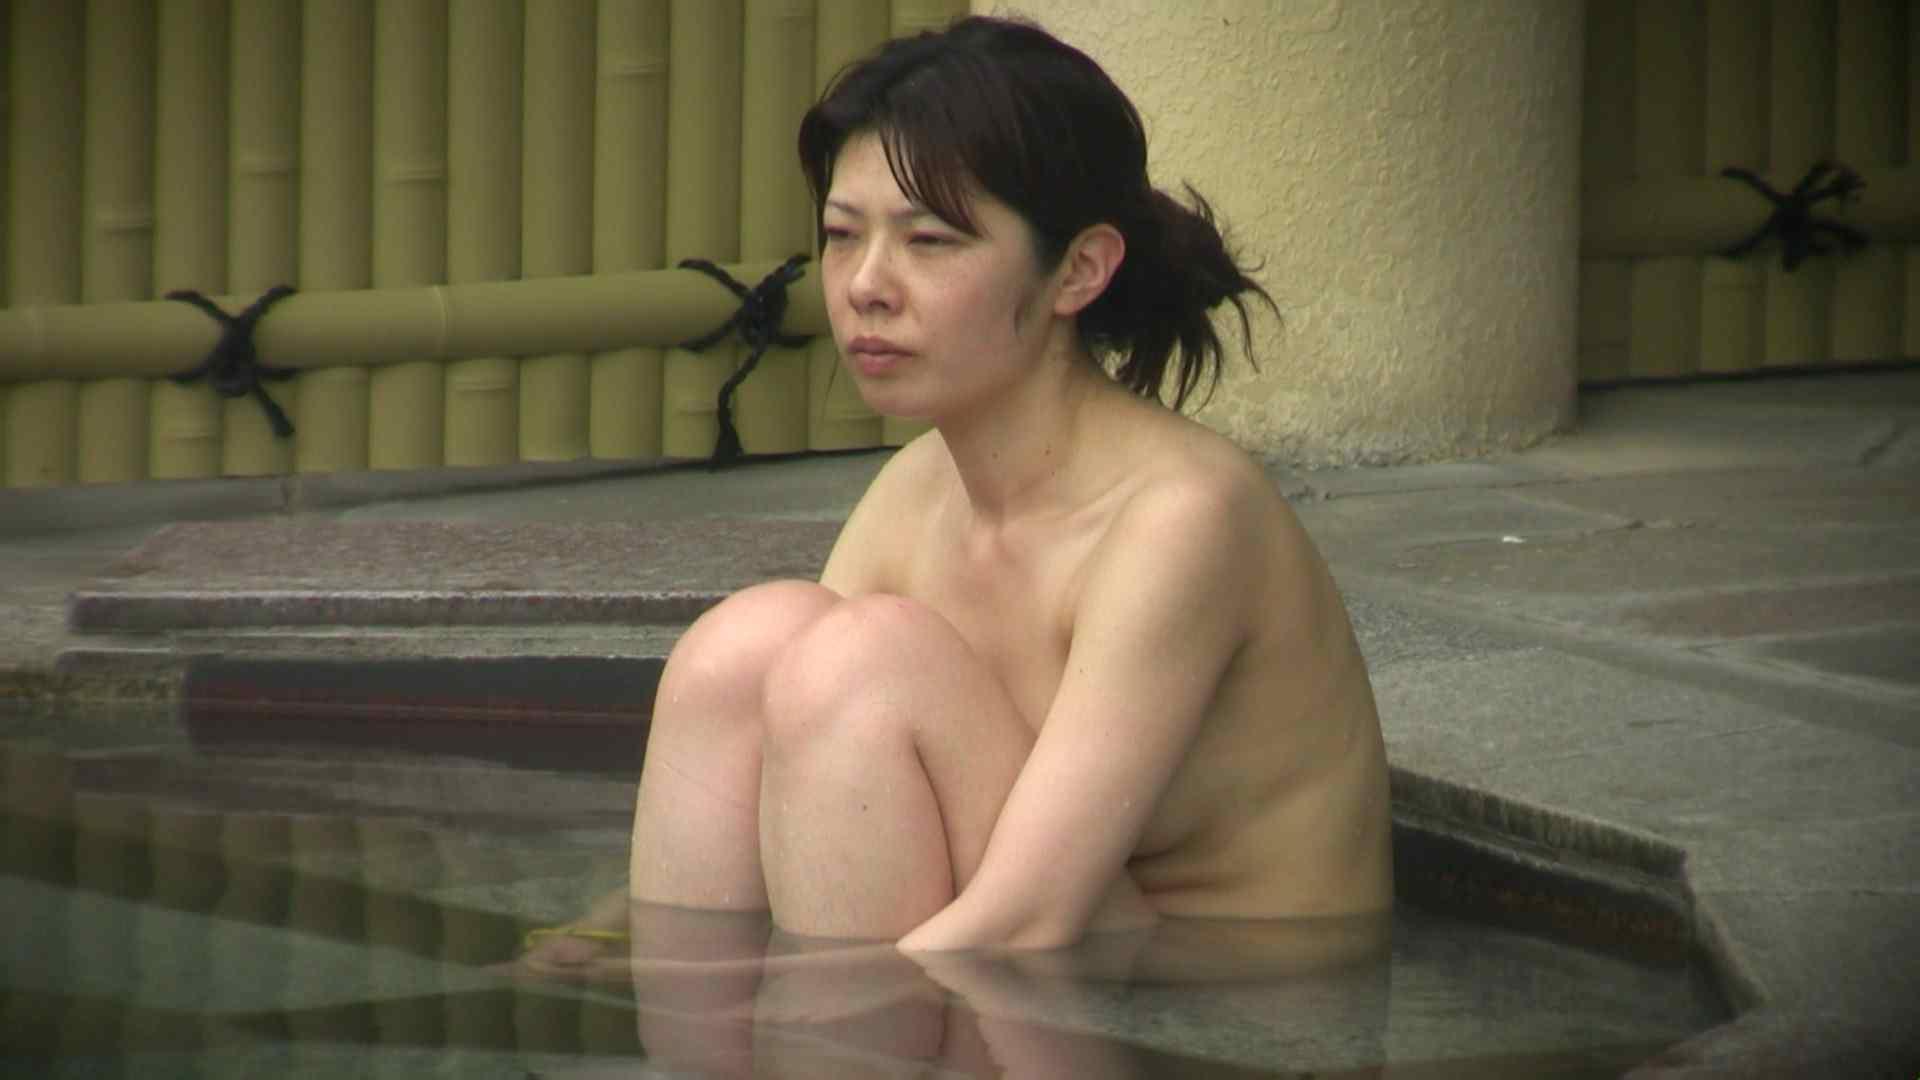 Aquaな露天風呂Vol.676 盗撮シリーズ  83PIX 34